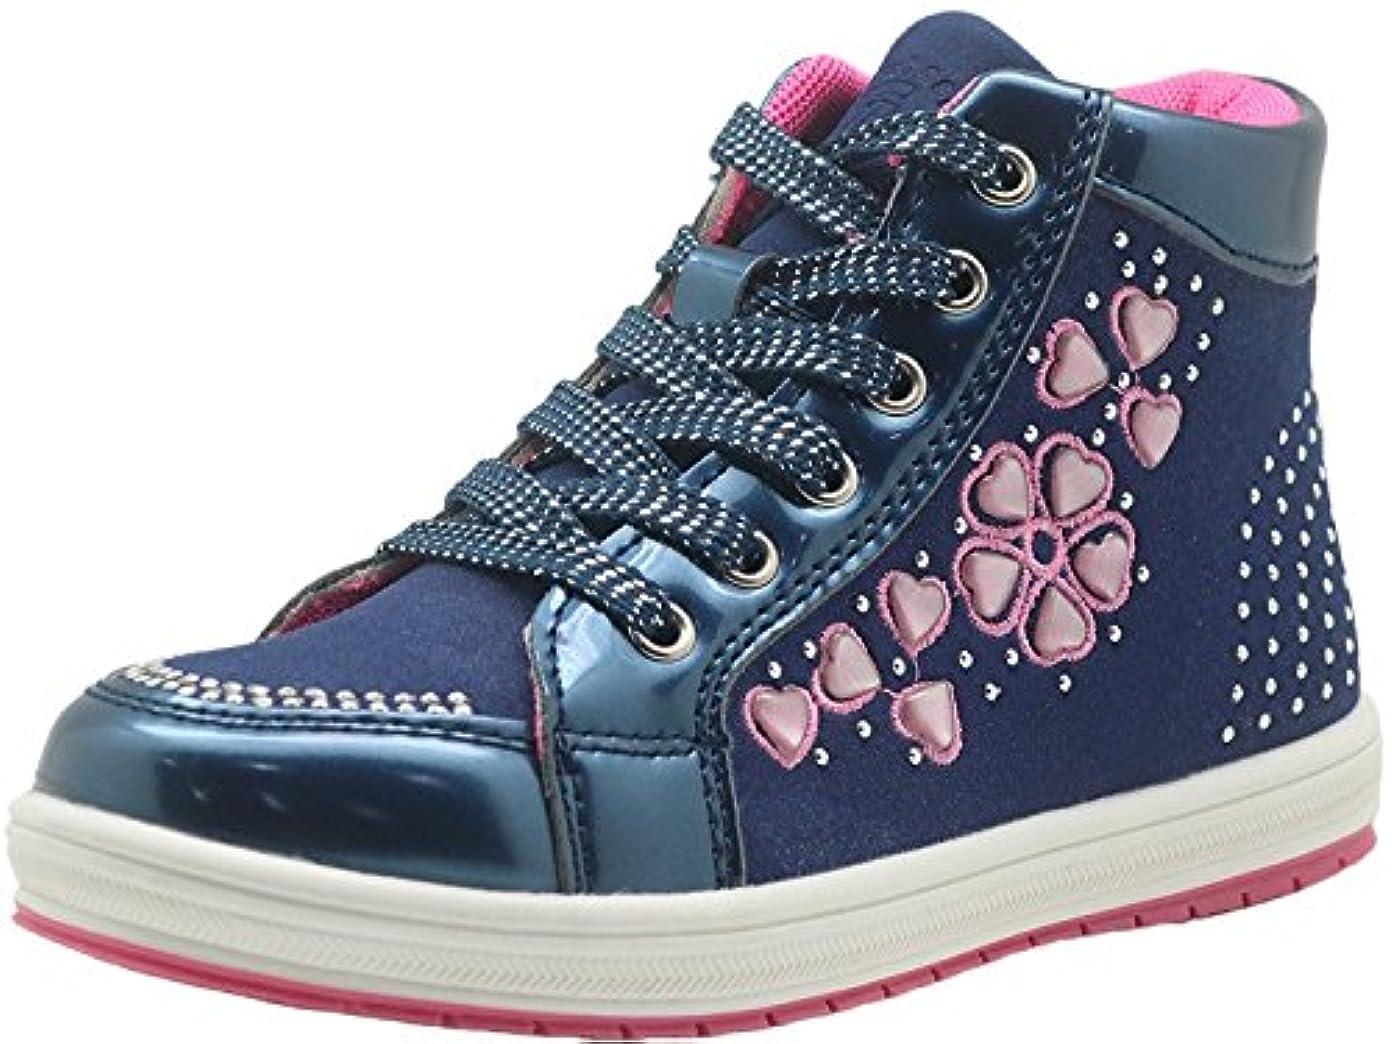 冷笑するカンガルー製油所Sunny&Baby 幼児ファッション靴リトルキッドレースアップジッパーの女の子のラインストーンとアンクルブーツ 滑り止め ( Color : Blue , Size : 17.5 CM )